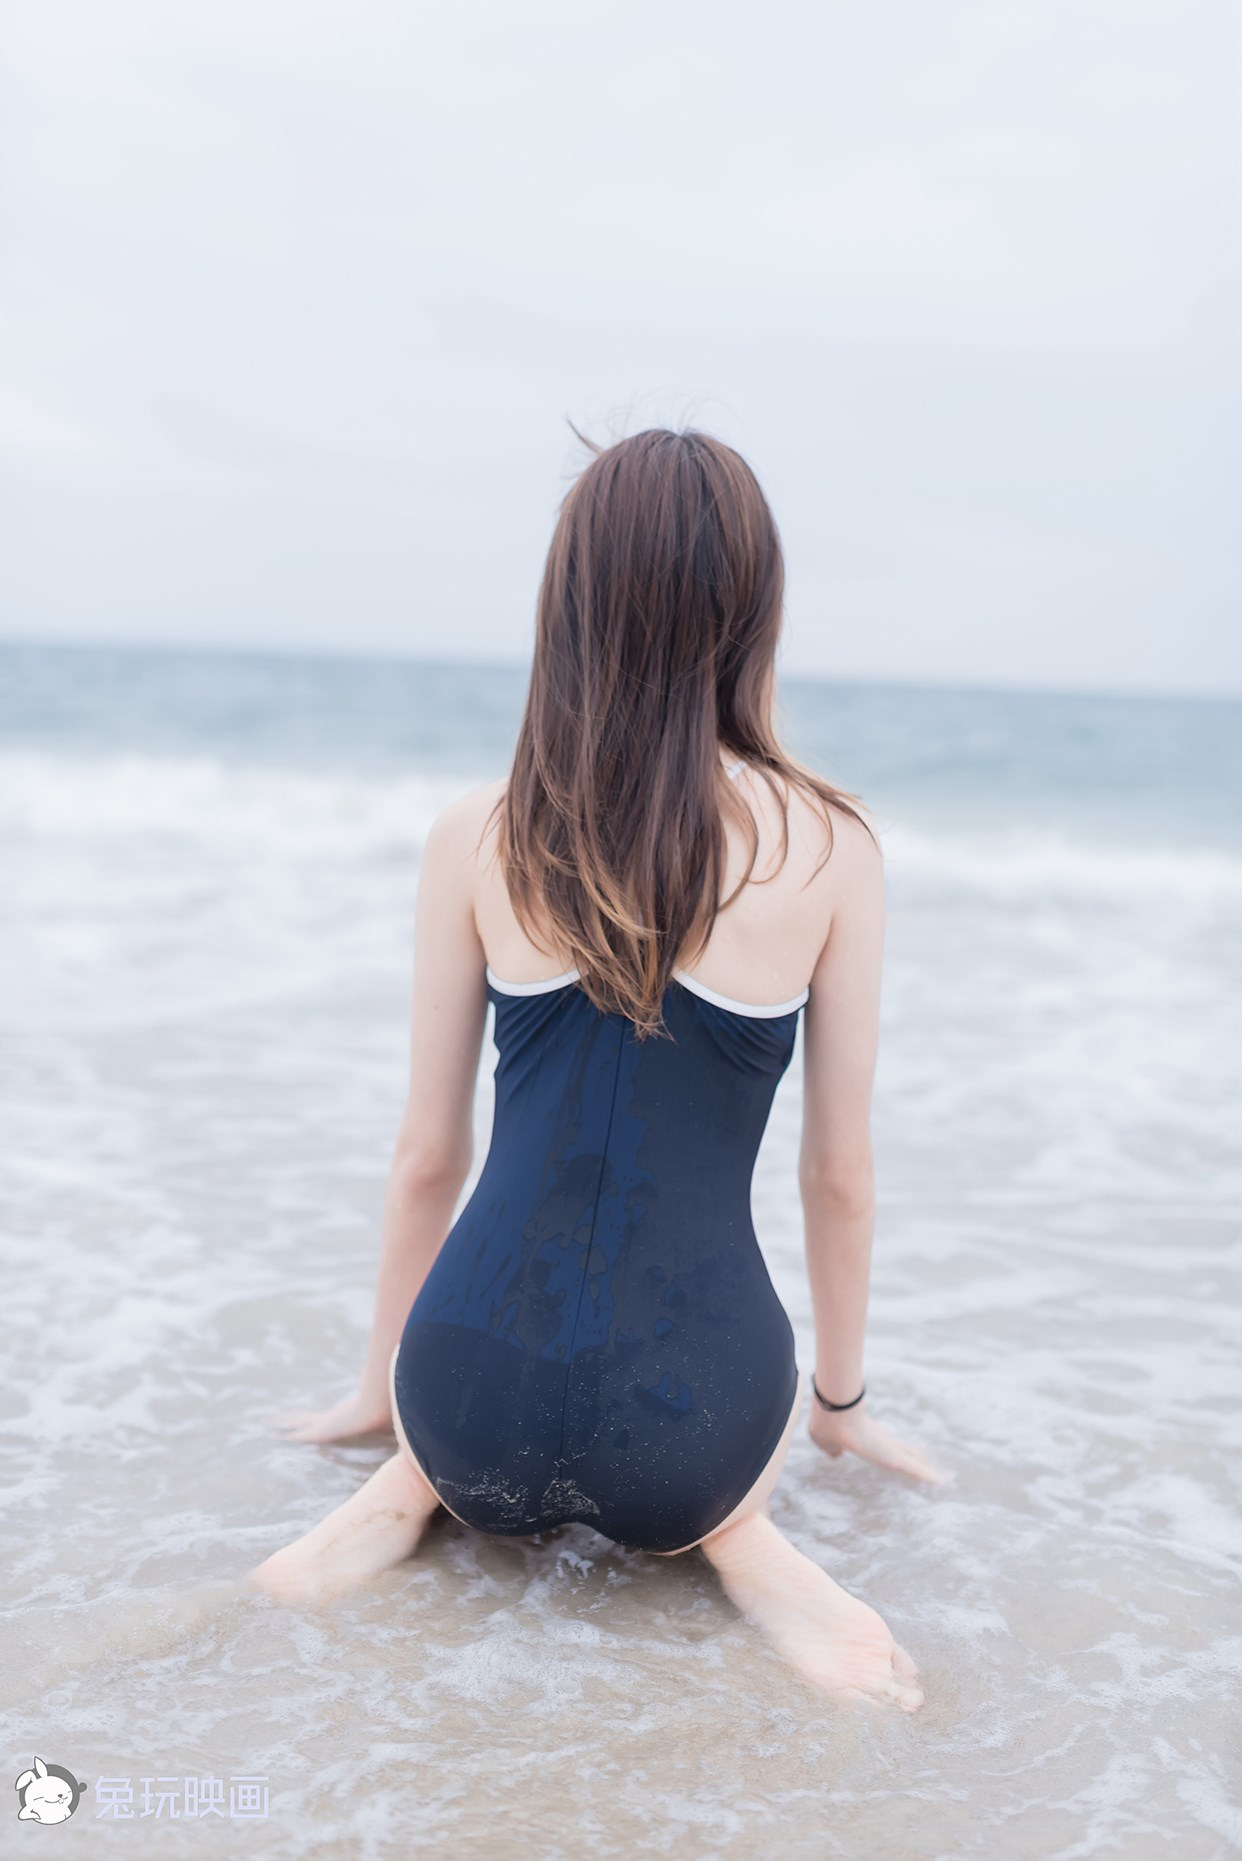 【兔玩映画】vol.03—去游泳 兔玩映画 第19张